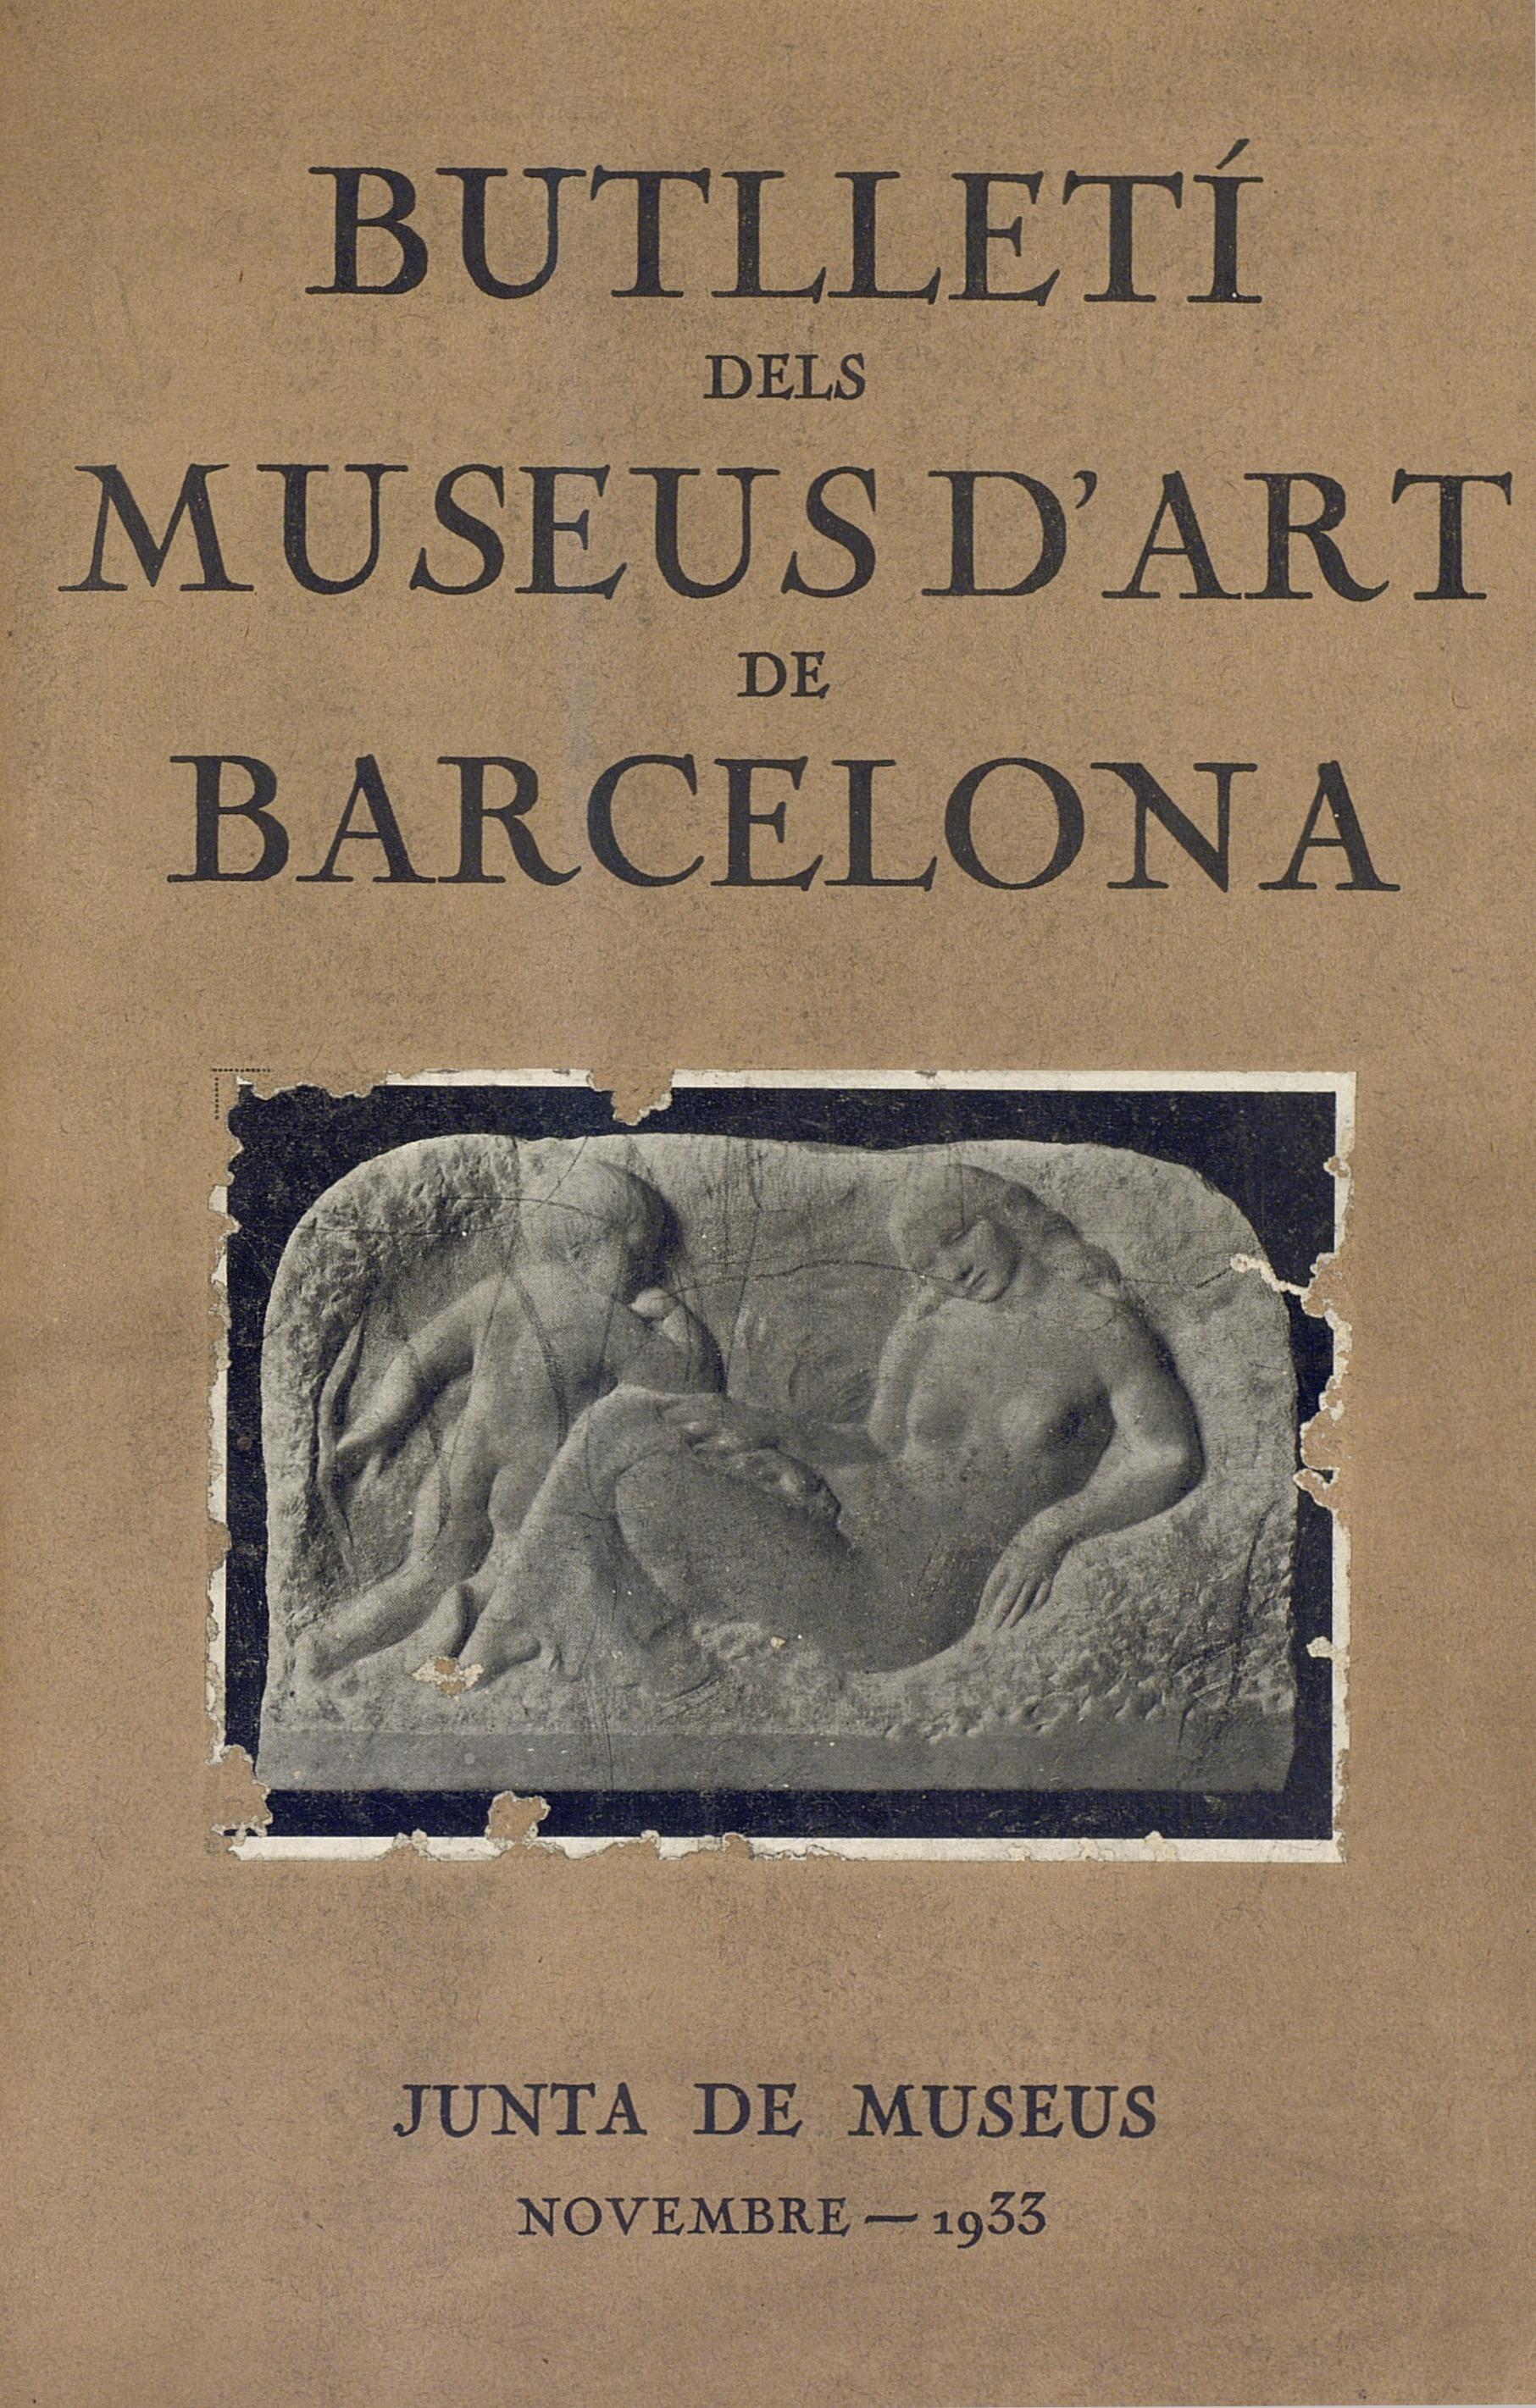 Vol. 3, núm. 30 (novembre 1933)